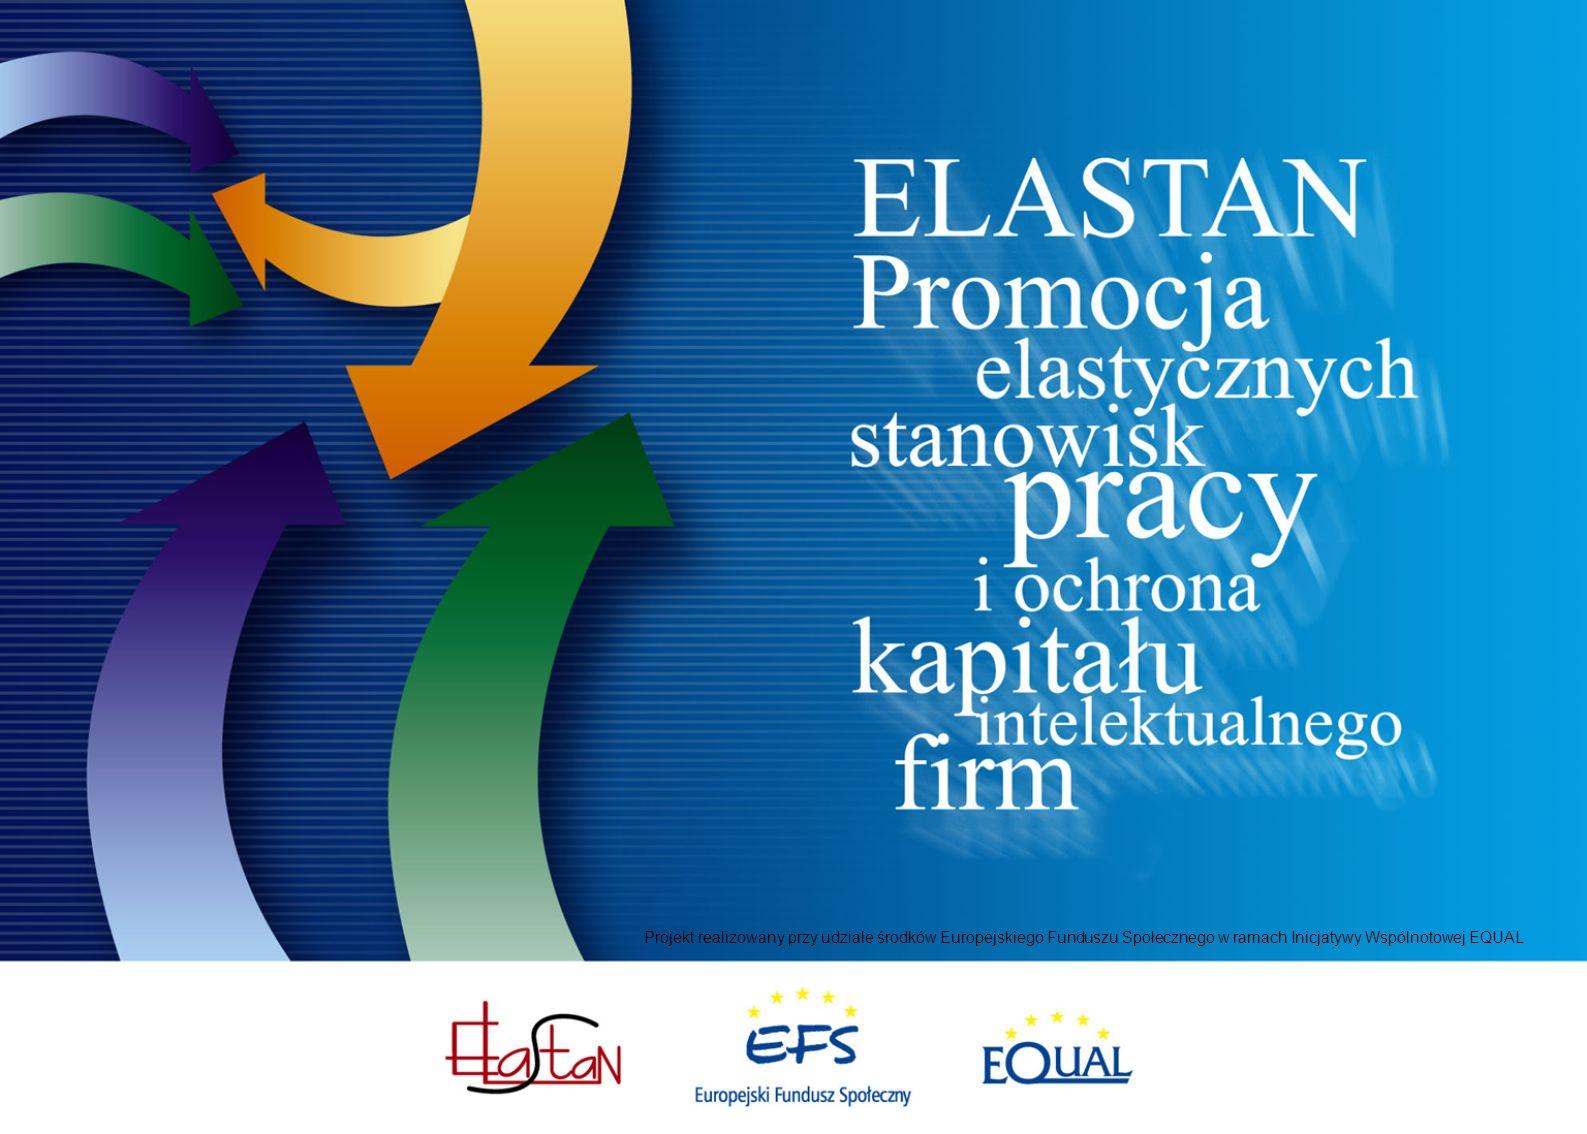 Projekt realizowany przy udziale środków Europejskiego Funduszu Społecznego w ramach Inicjatywy Wspólnotowej EQUAL